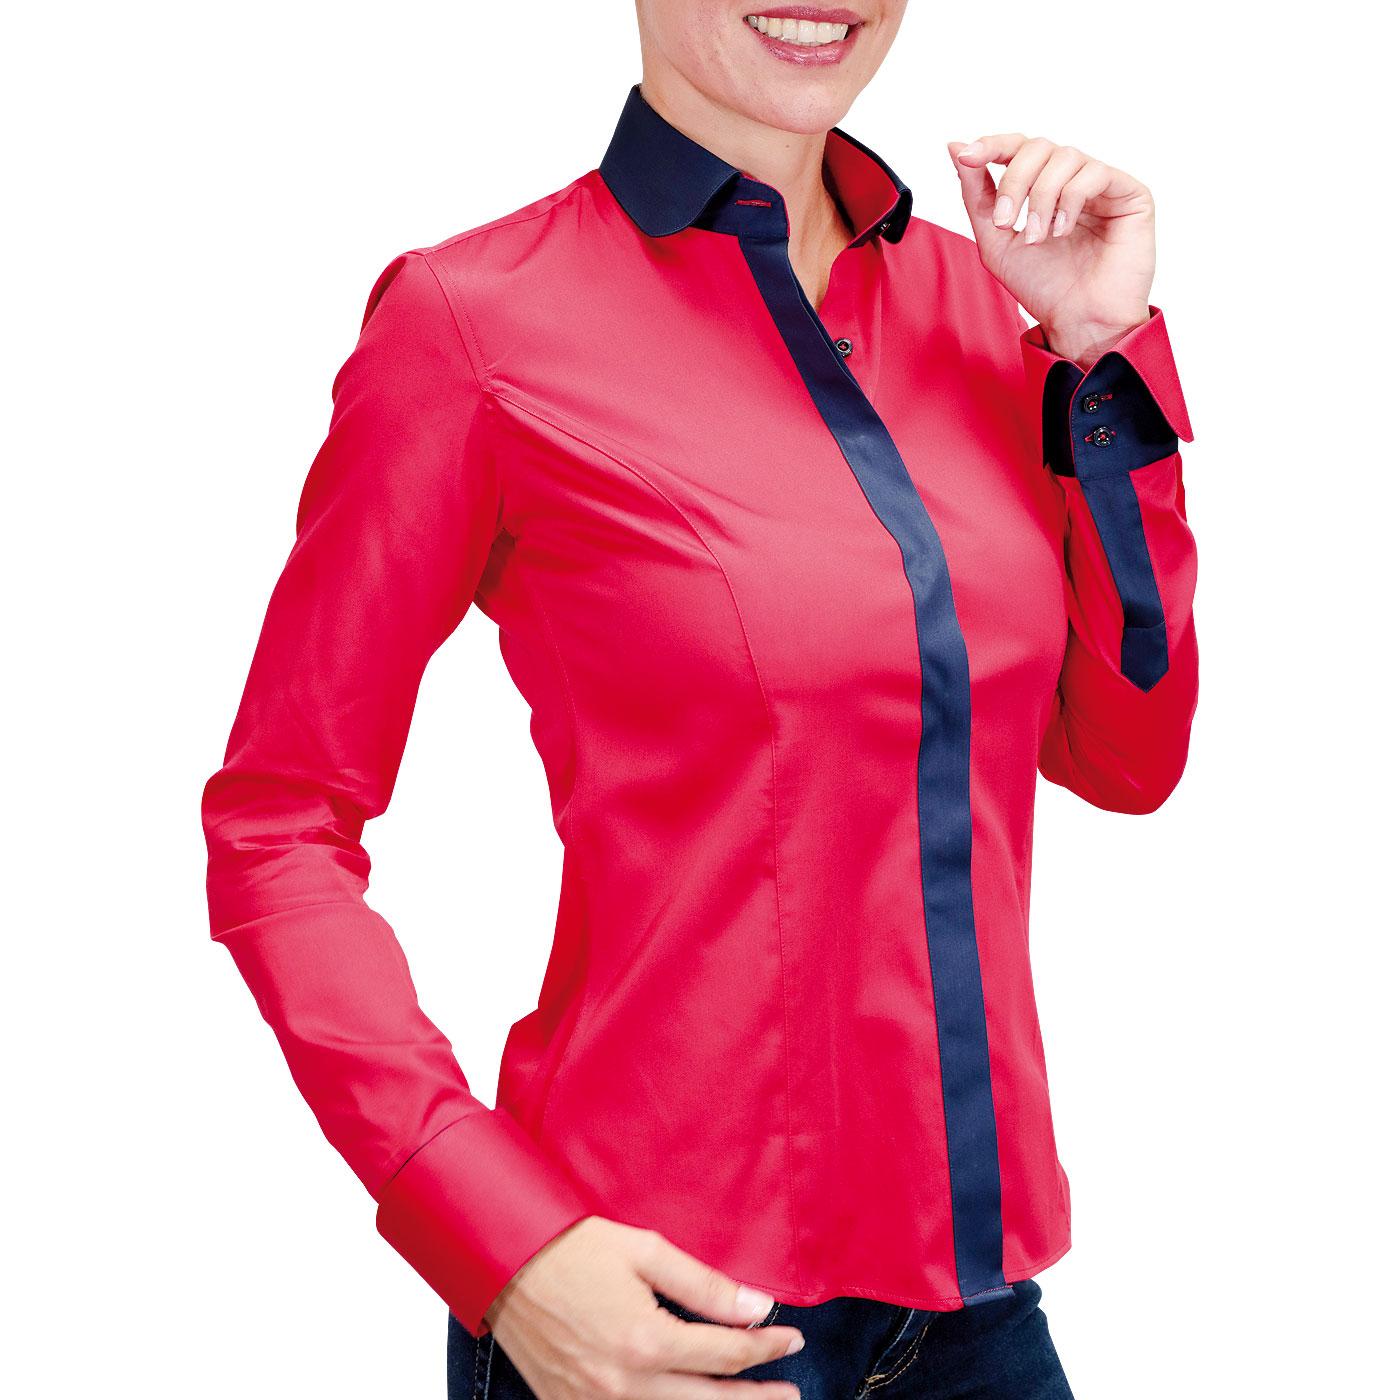 la chemise rouge pour homme de la nouvelle collection chemiseweb. Black Bedroom Furniture Sets. Home Design Ideas